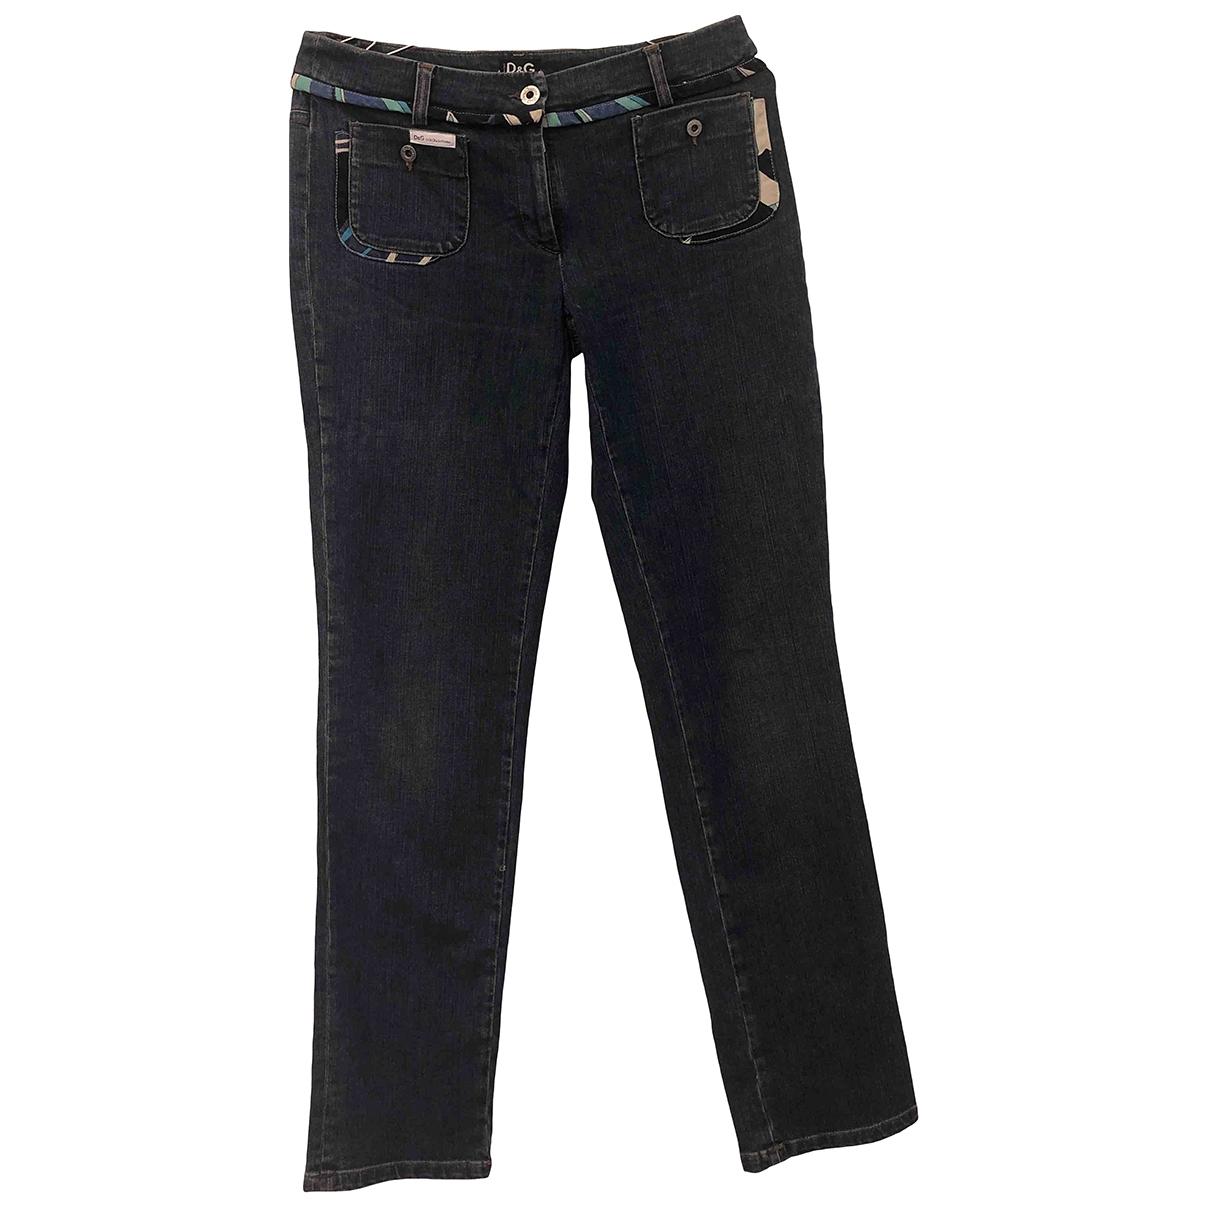 D&g - Jean   pour femme en coton - elasthane - bleu